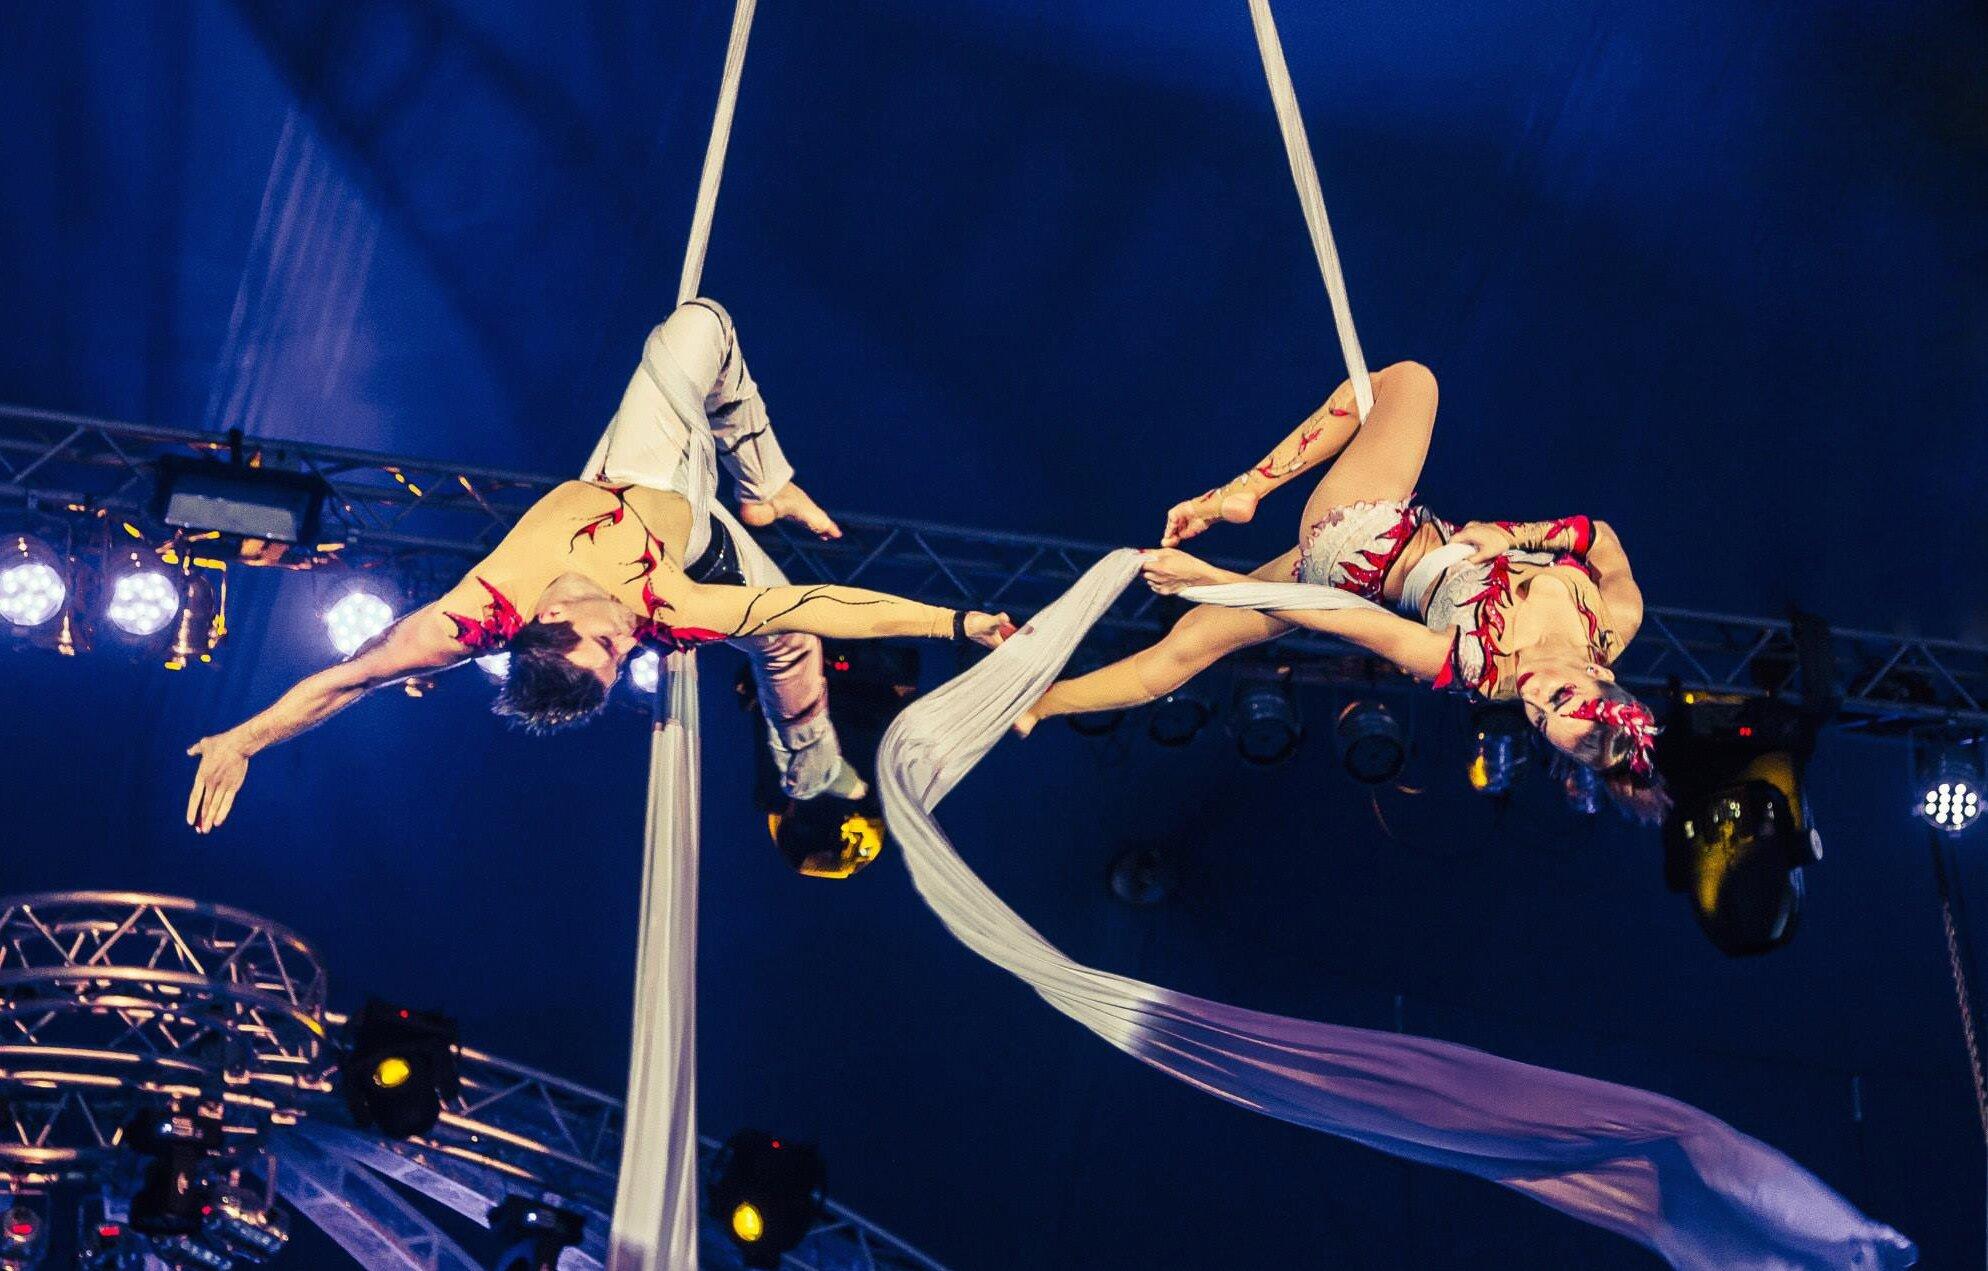 Воздушные гимнасты | Aerialists